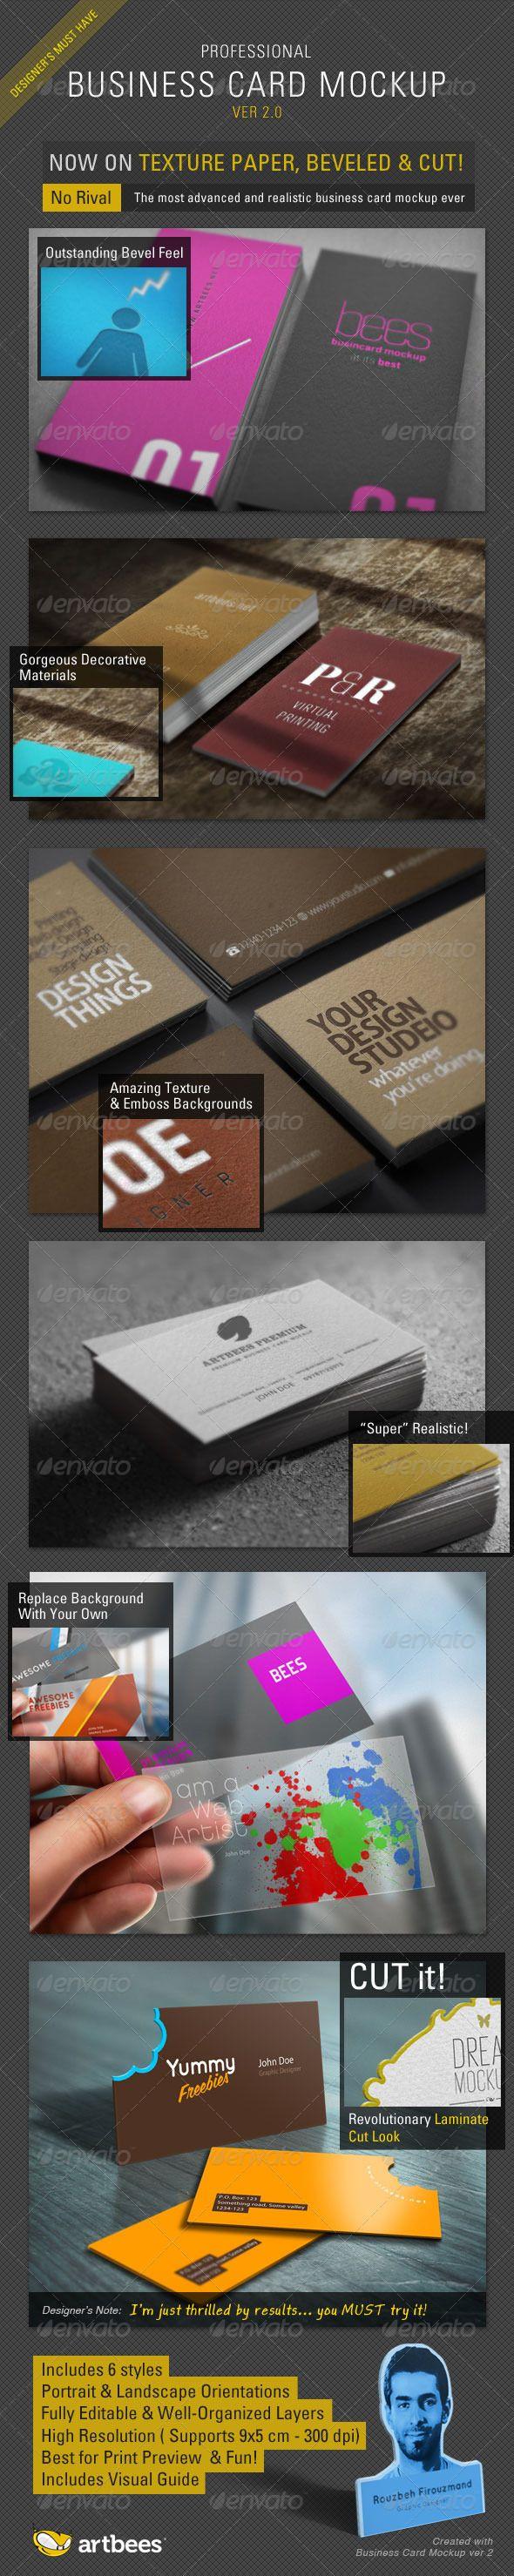 717 best Business Card Mockup images on Pinterest